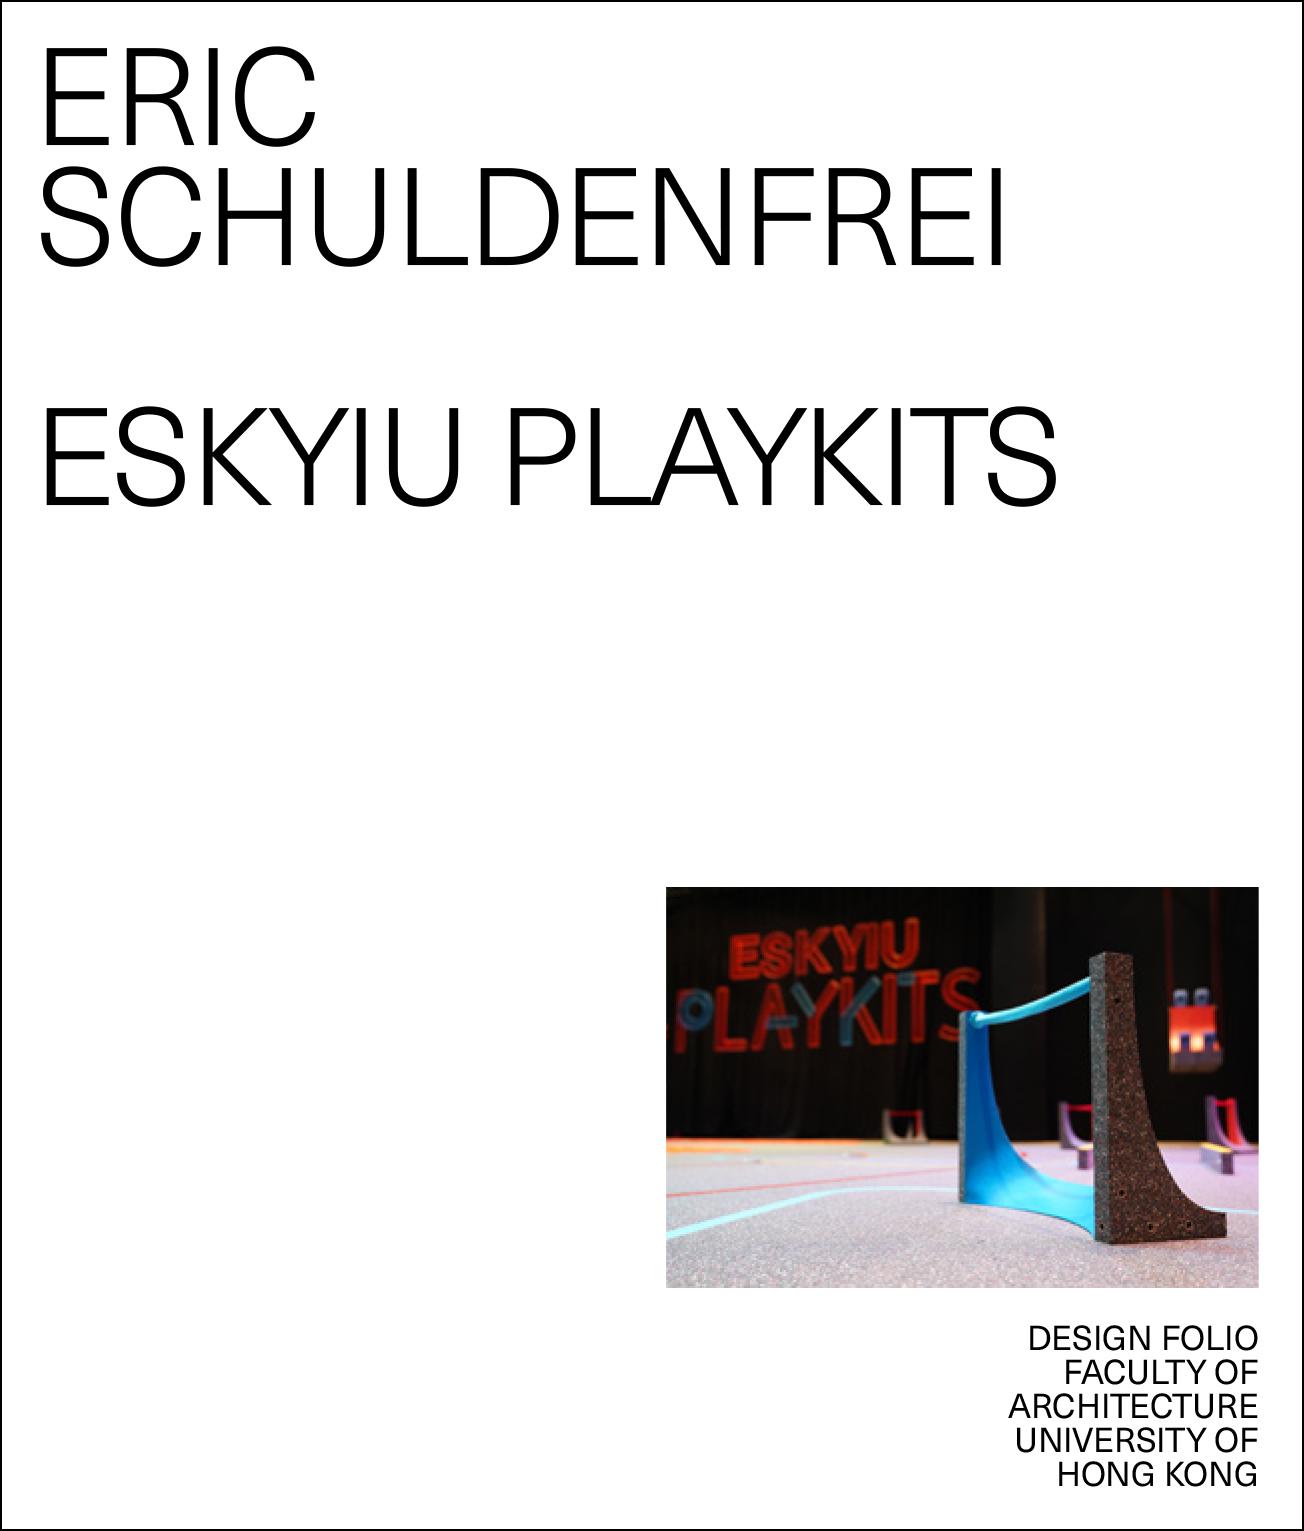 ESKYIU PLAKITS